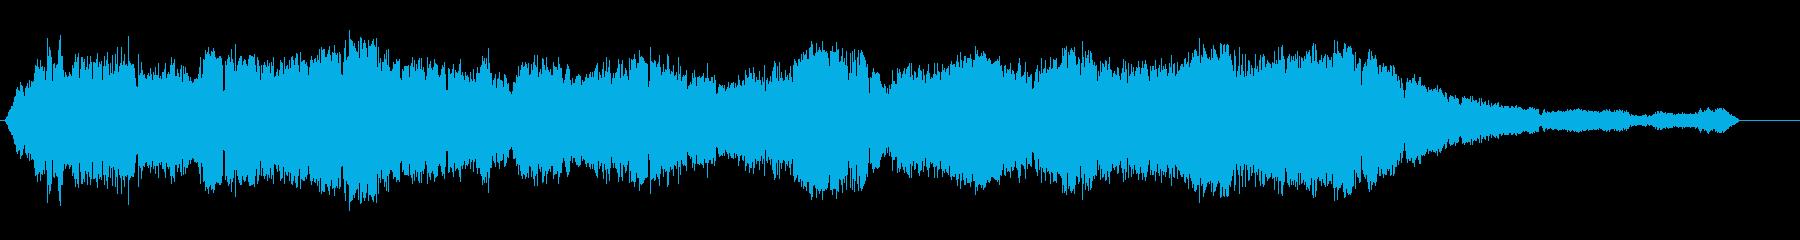 モーターサイクル-レース-エンジン...の再生済みの波形